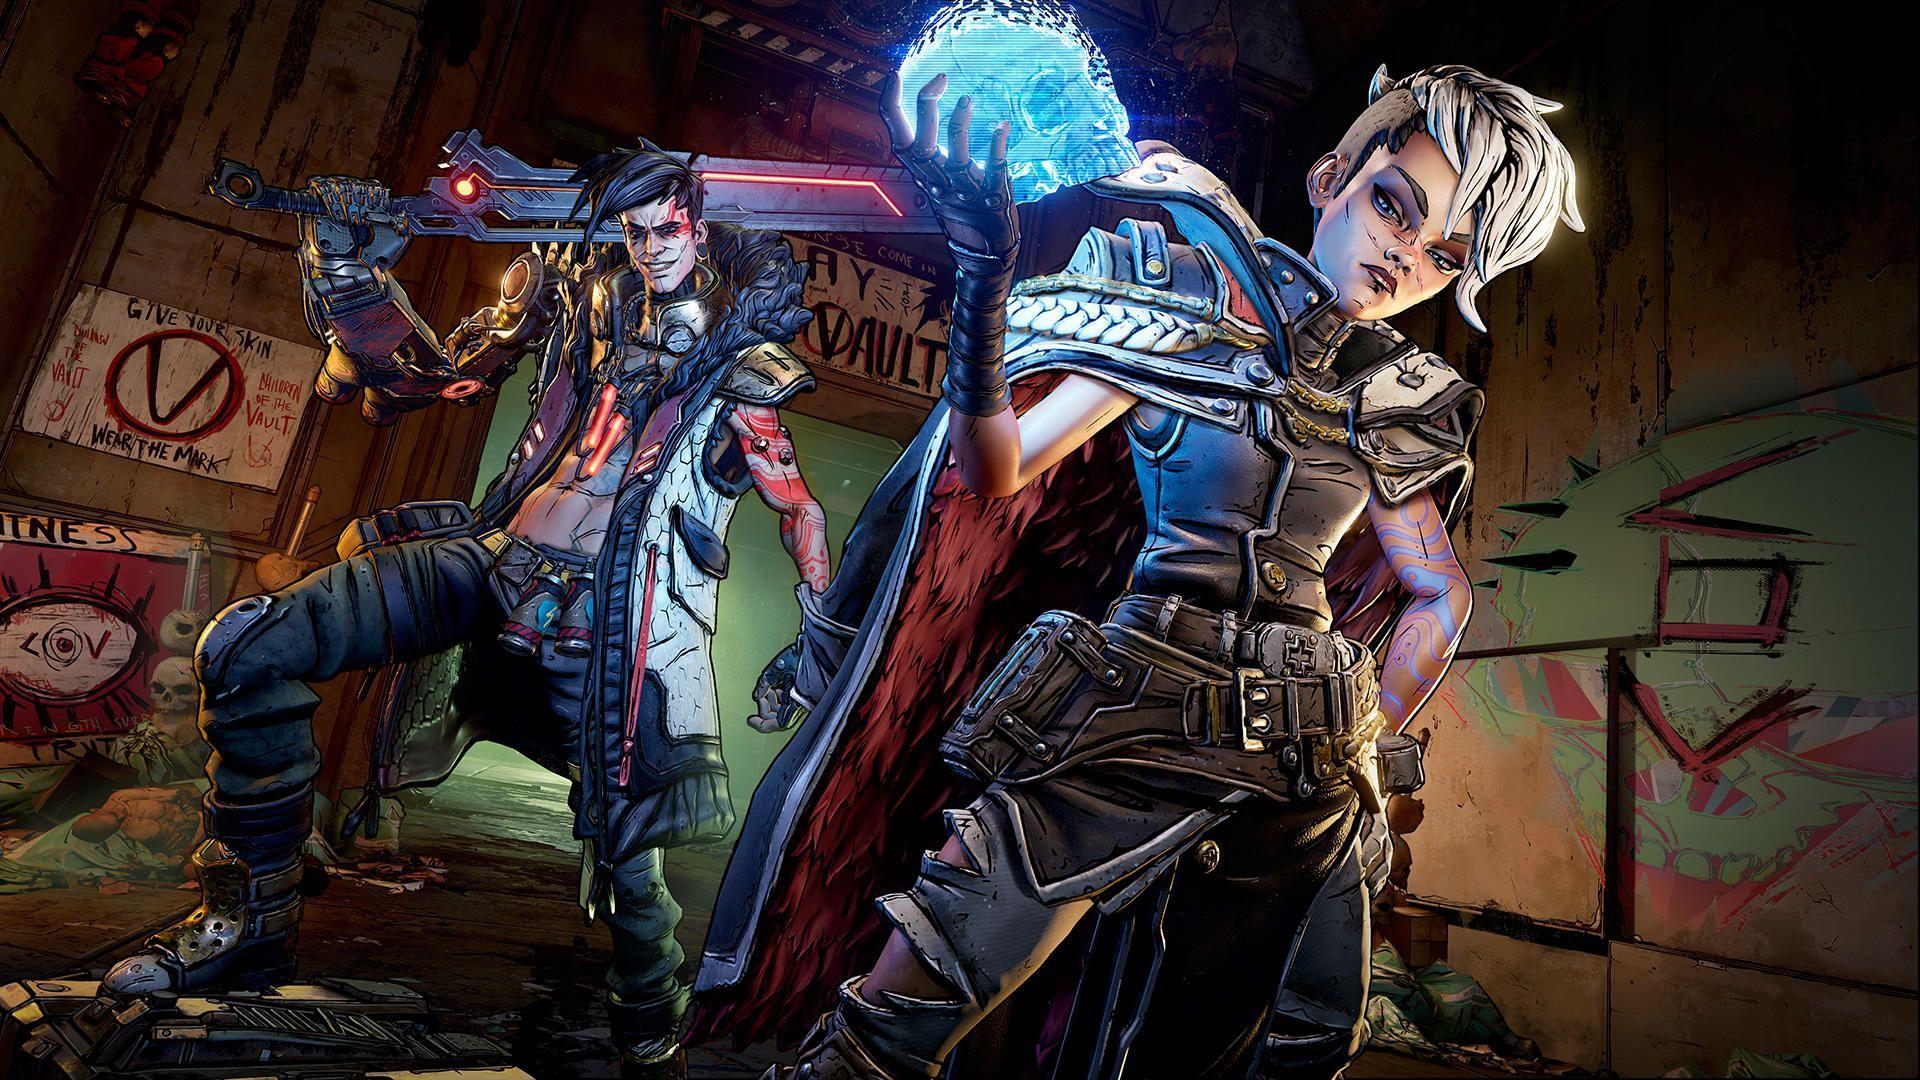 《无主之地3》Boss设计灵感来自于现实世界的大主播们